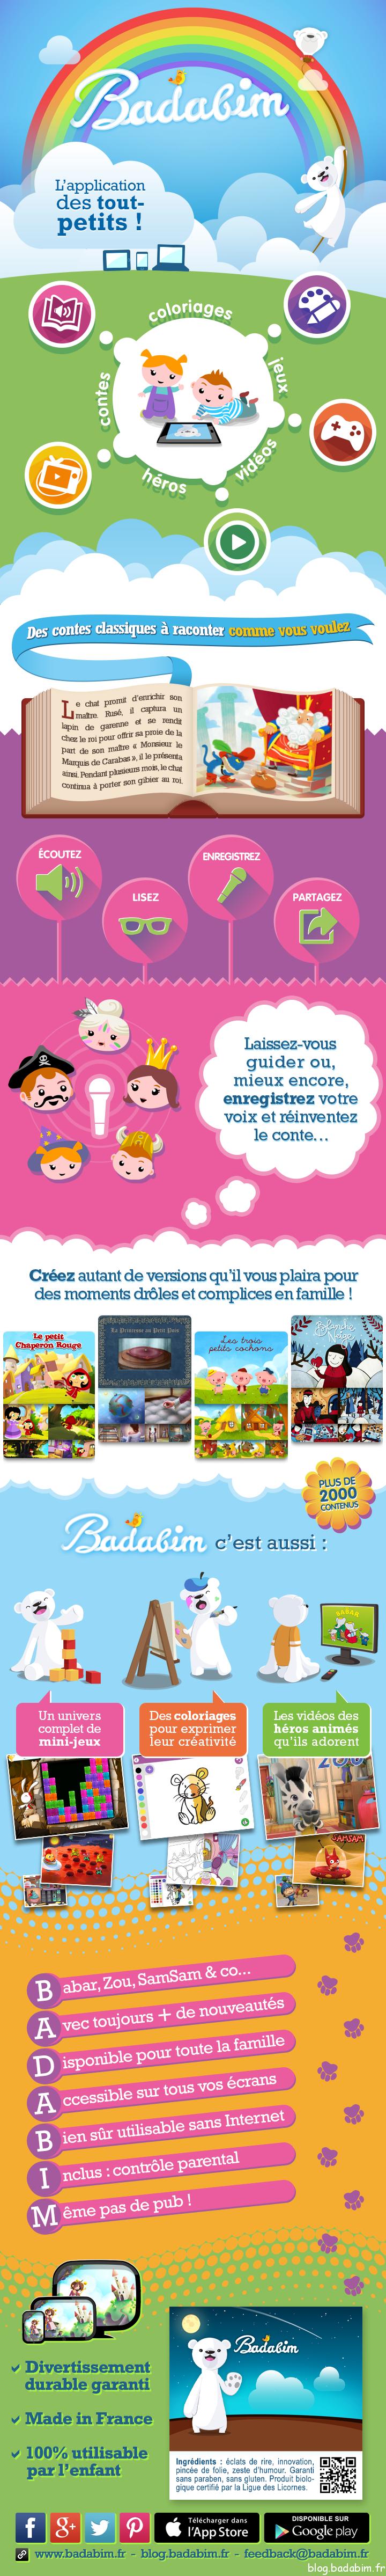 Badabim en infographie, l'application pour enfants avec des coloriages, des vidéos, des contes et des jeux !